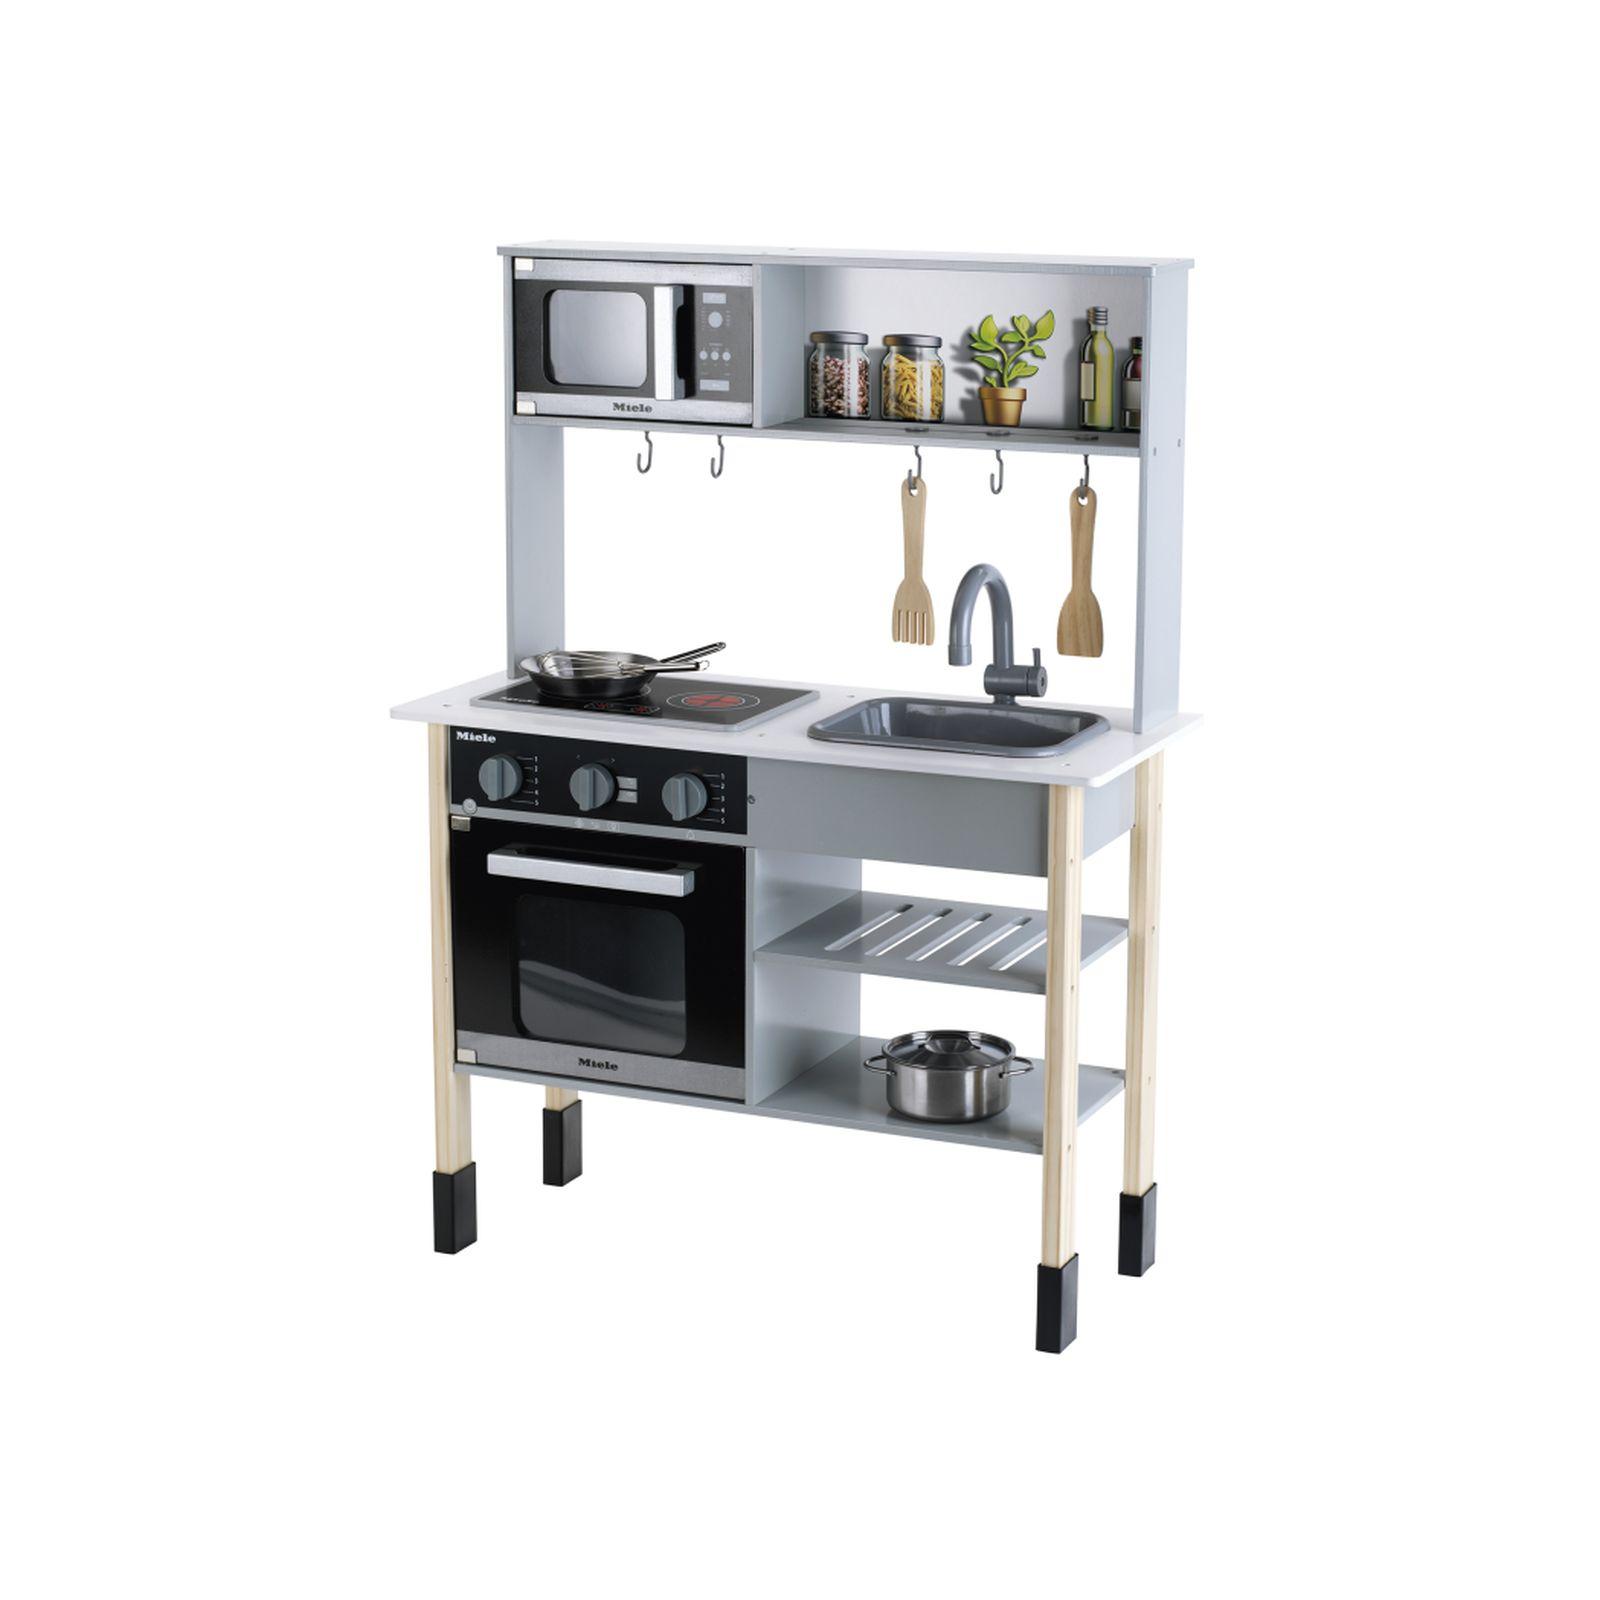 Cucina miele in legno - FUNNY HOME ORIGINAL